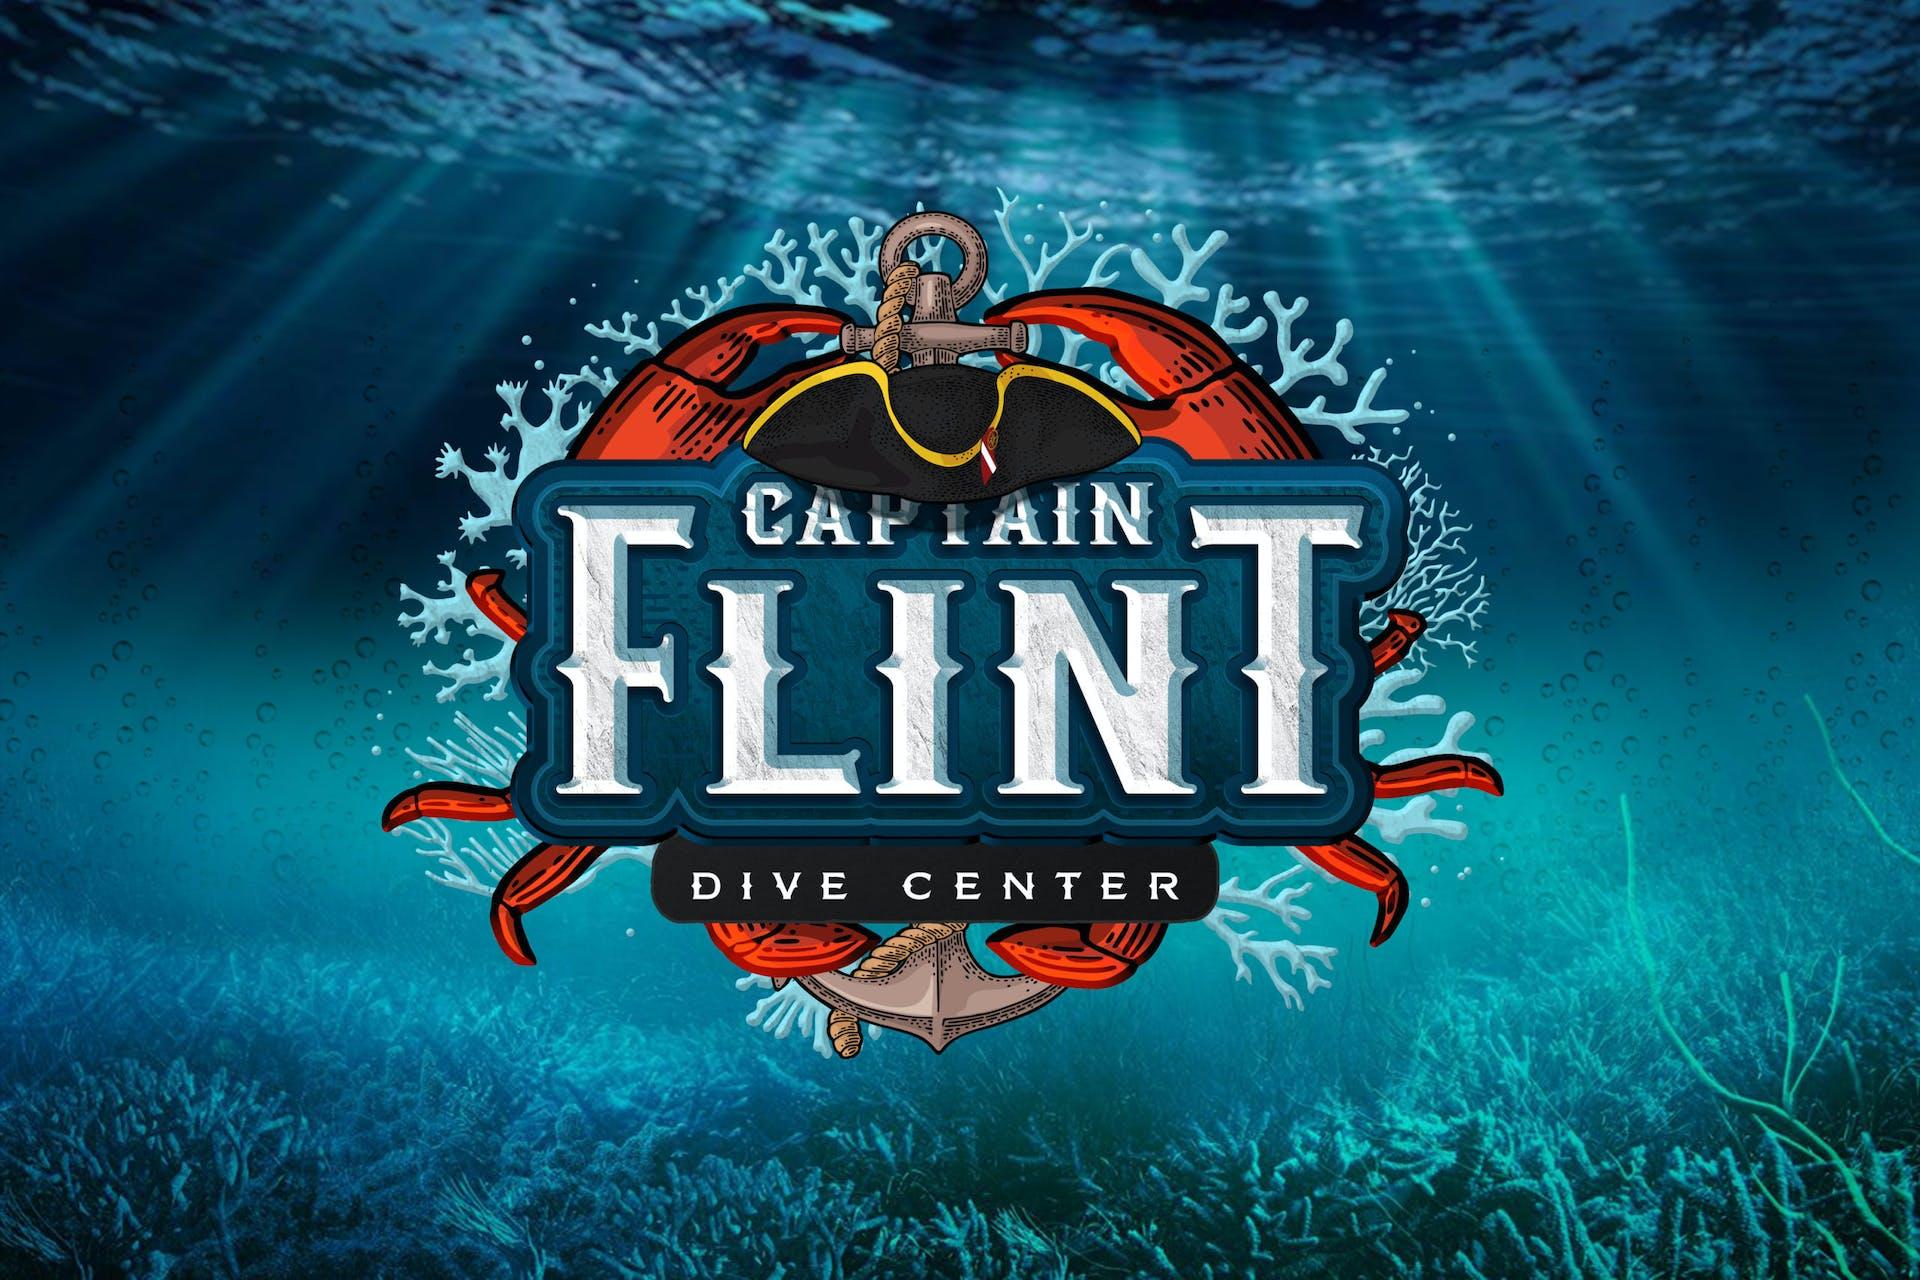 Captain Flint